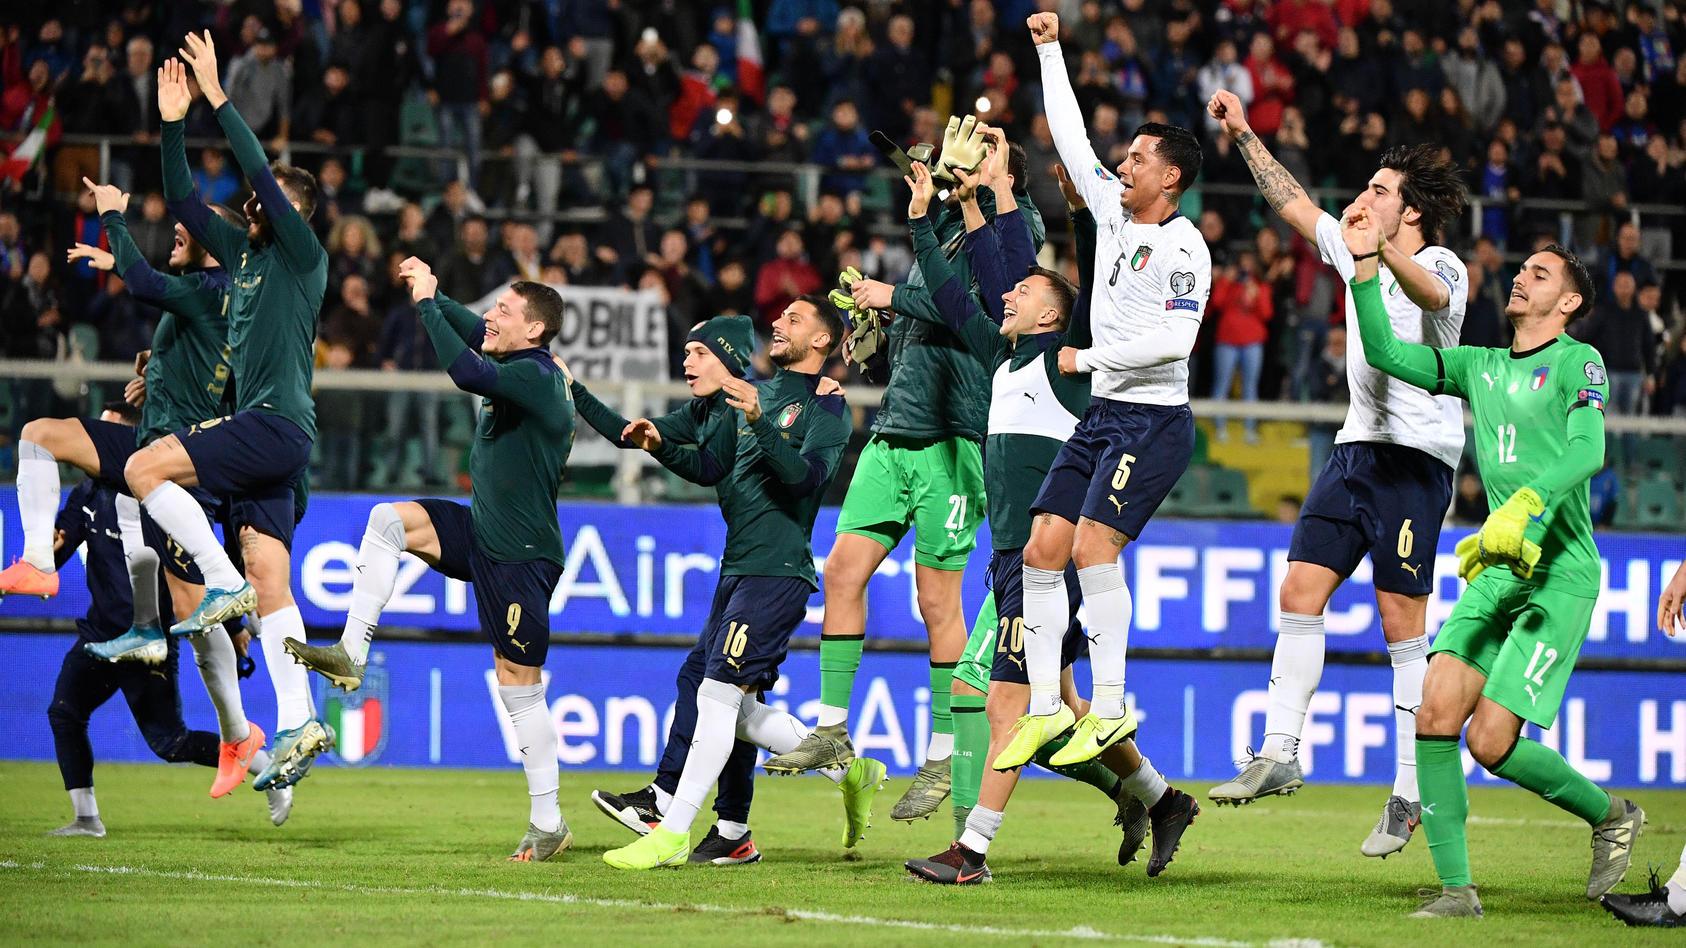 Photo Alfredo Falcone - LaPresse18/11/2019 Palermo (Italy SoccerItalia - ArmeniaEuro 2020 qualifications - Renzo Barbera